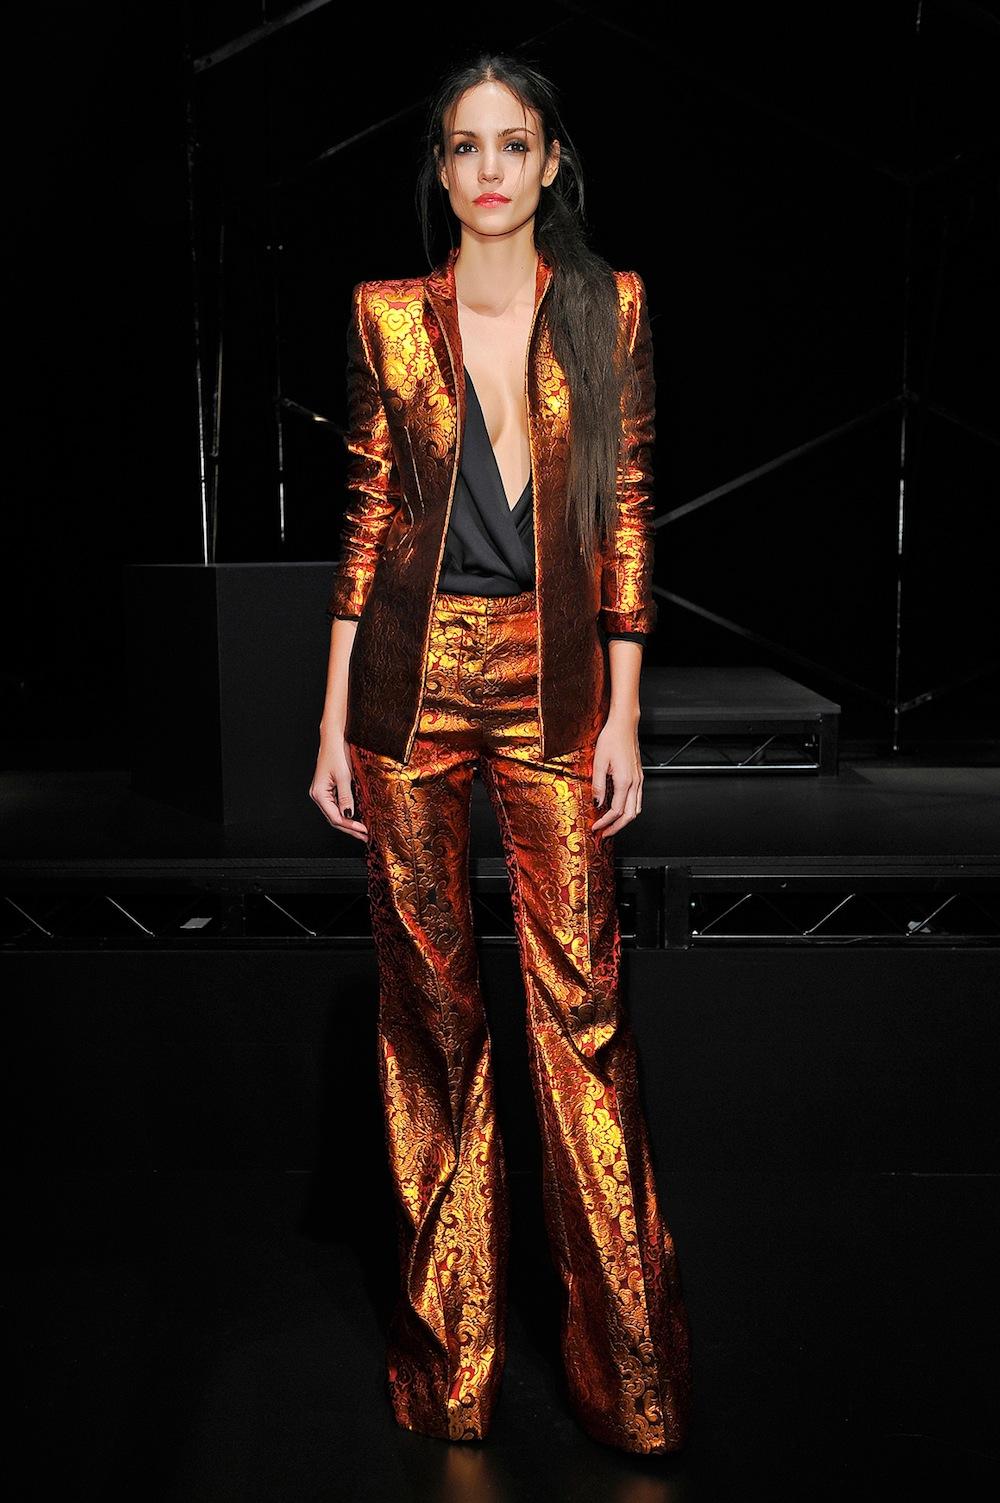 Metallic Le Smoking Suit at Wes Gordon